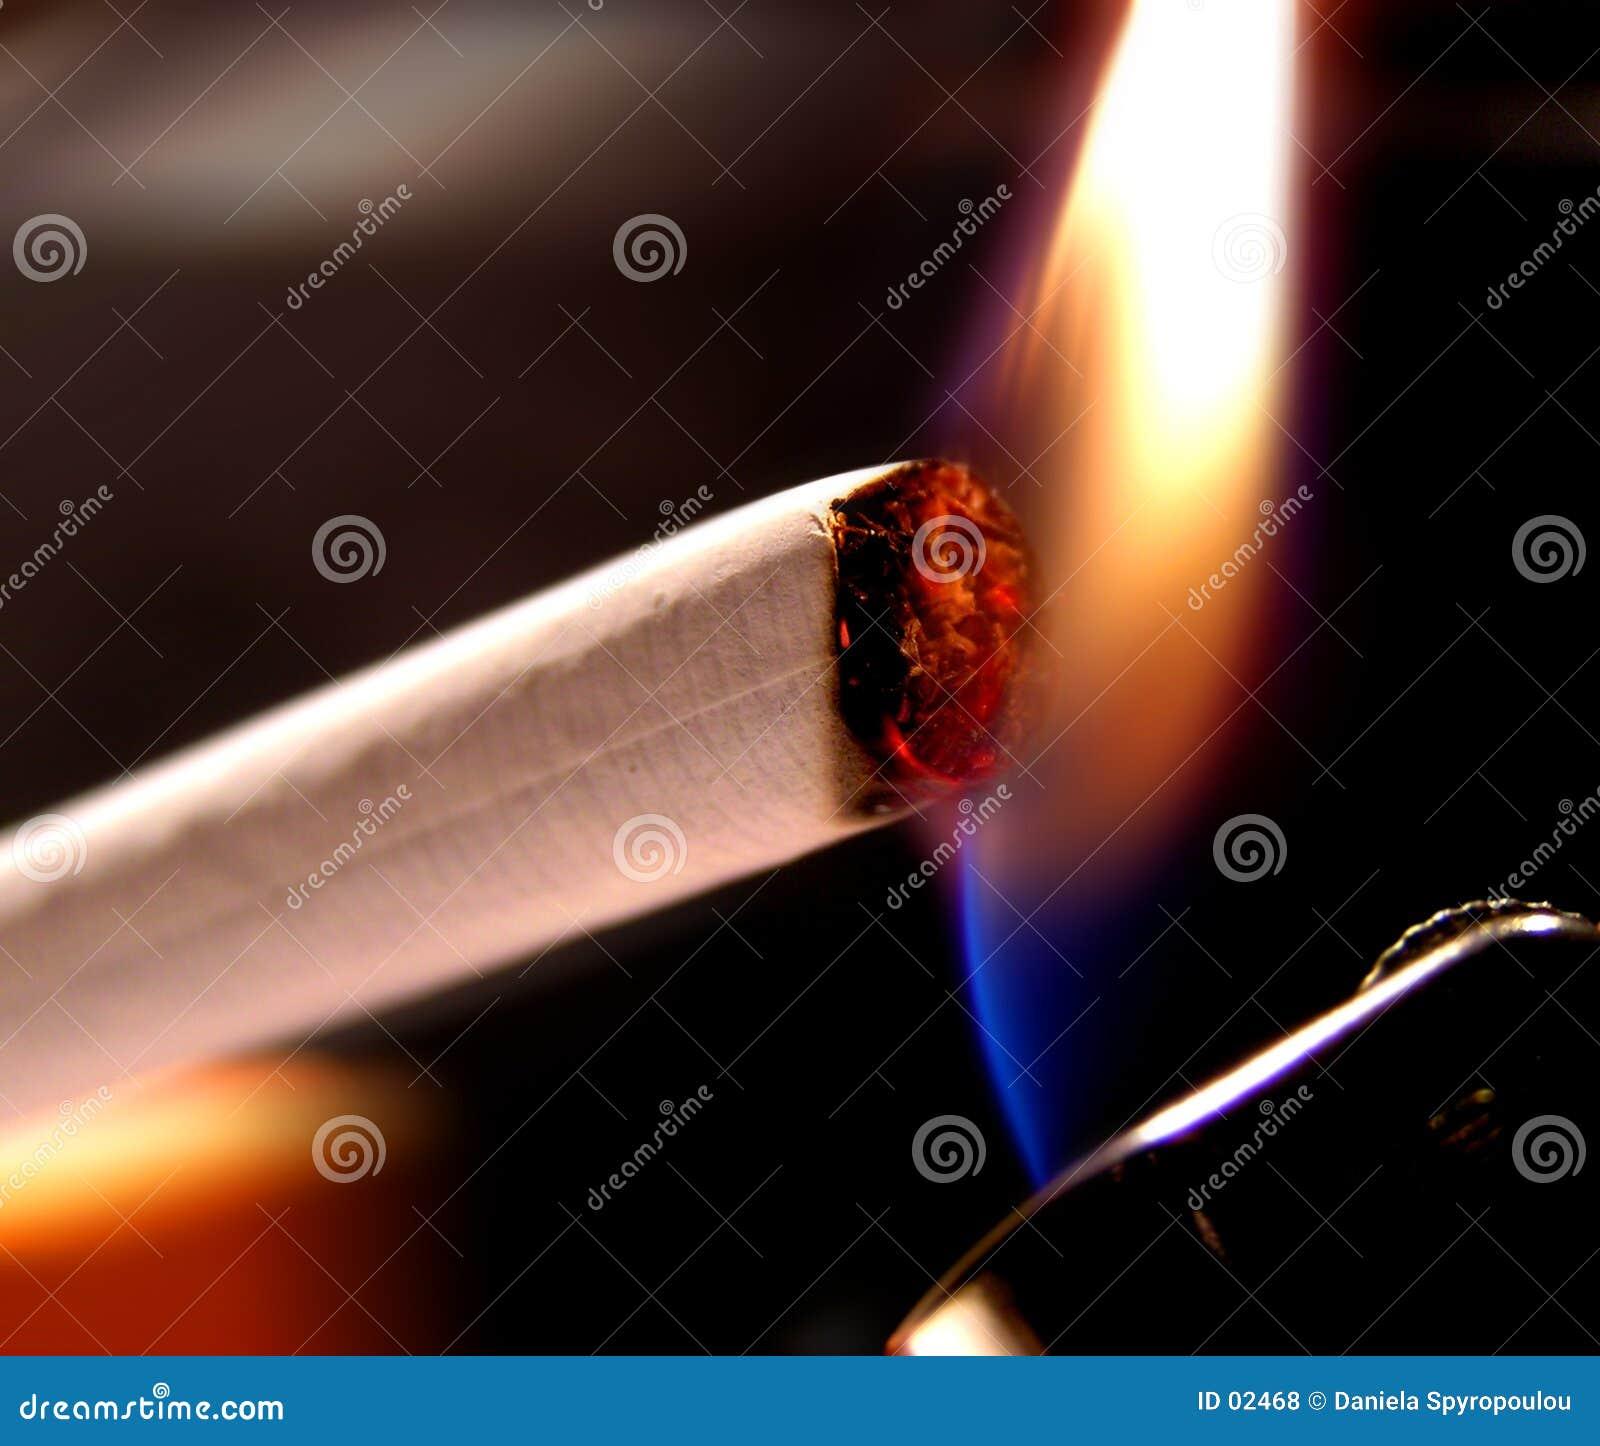 Download Zigarettenbeleuchtung stockfoto. Bild von beleuchtung, krebs - 2468